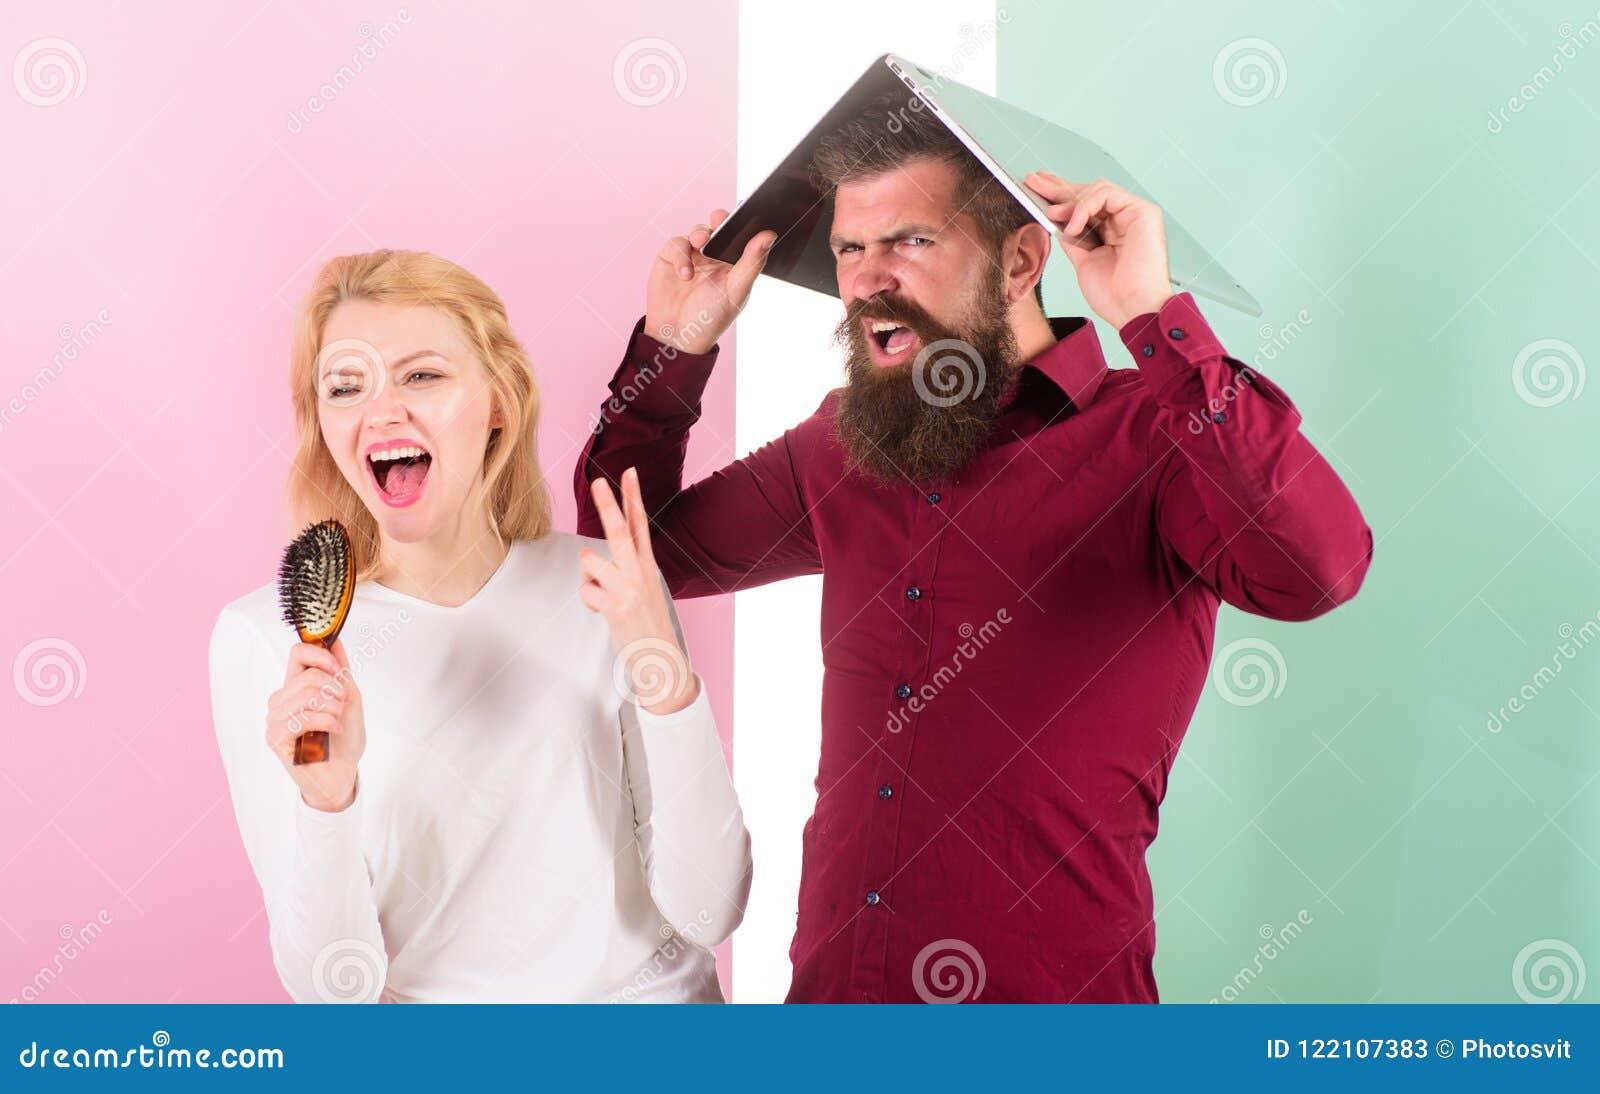 Ne peut pas arrêter la chanson dans sa tête Madame chantent employant la brosse de cheveux comme microphone tandis que l homme en